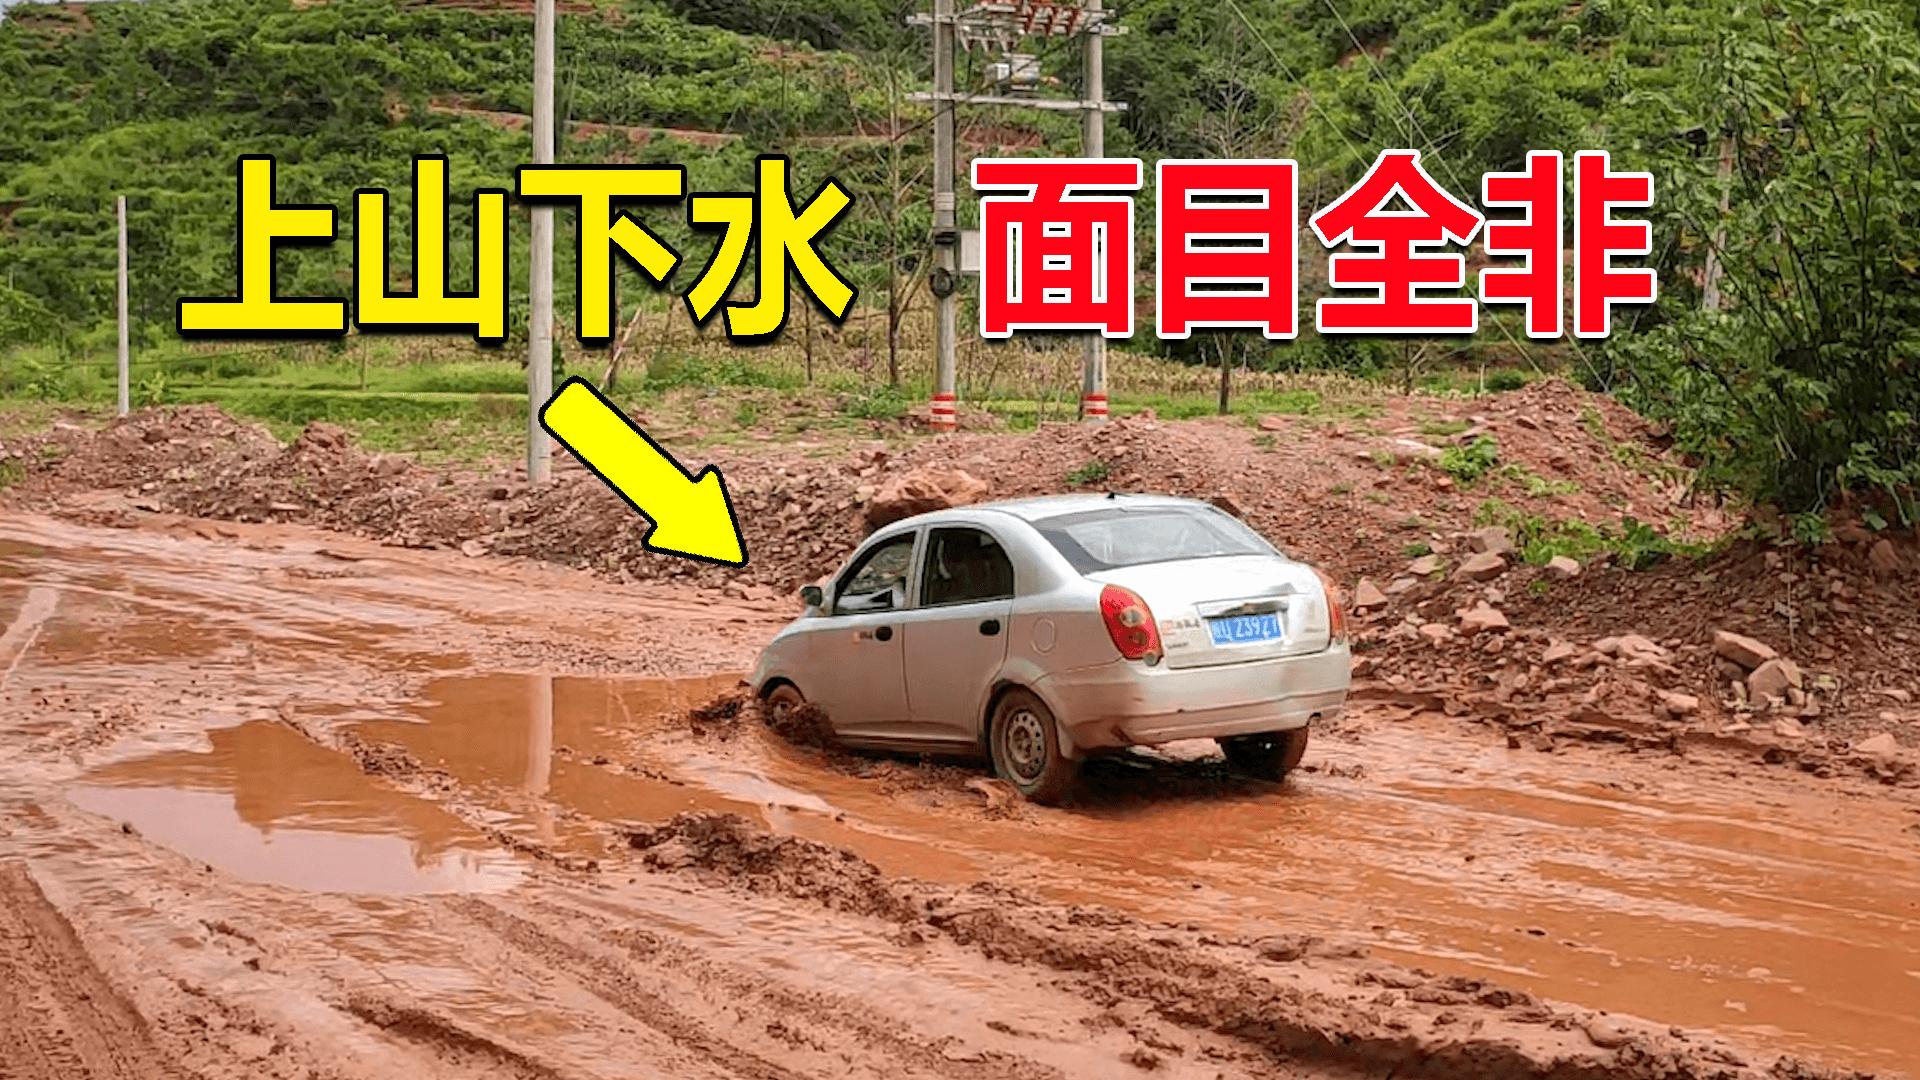 小伙奇瑞QQ自驾云南,遇到比丙察察还烂的路,小车走完面目全非